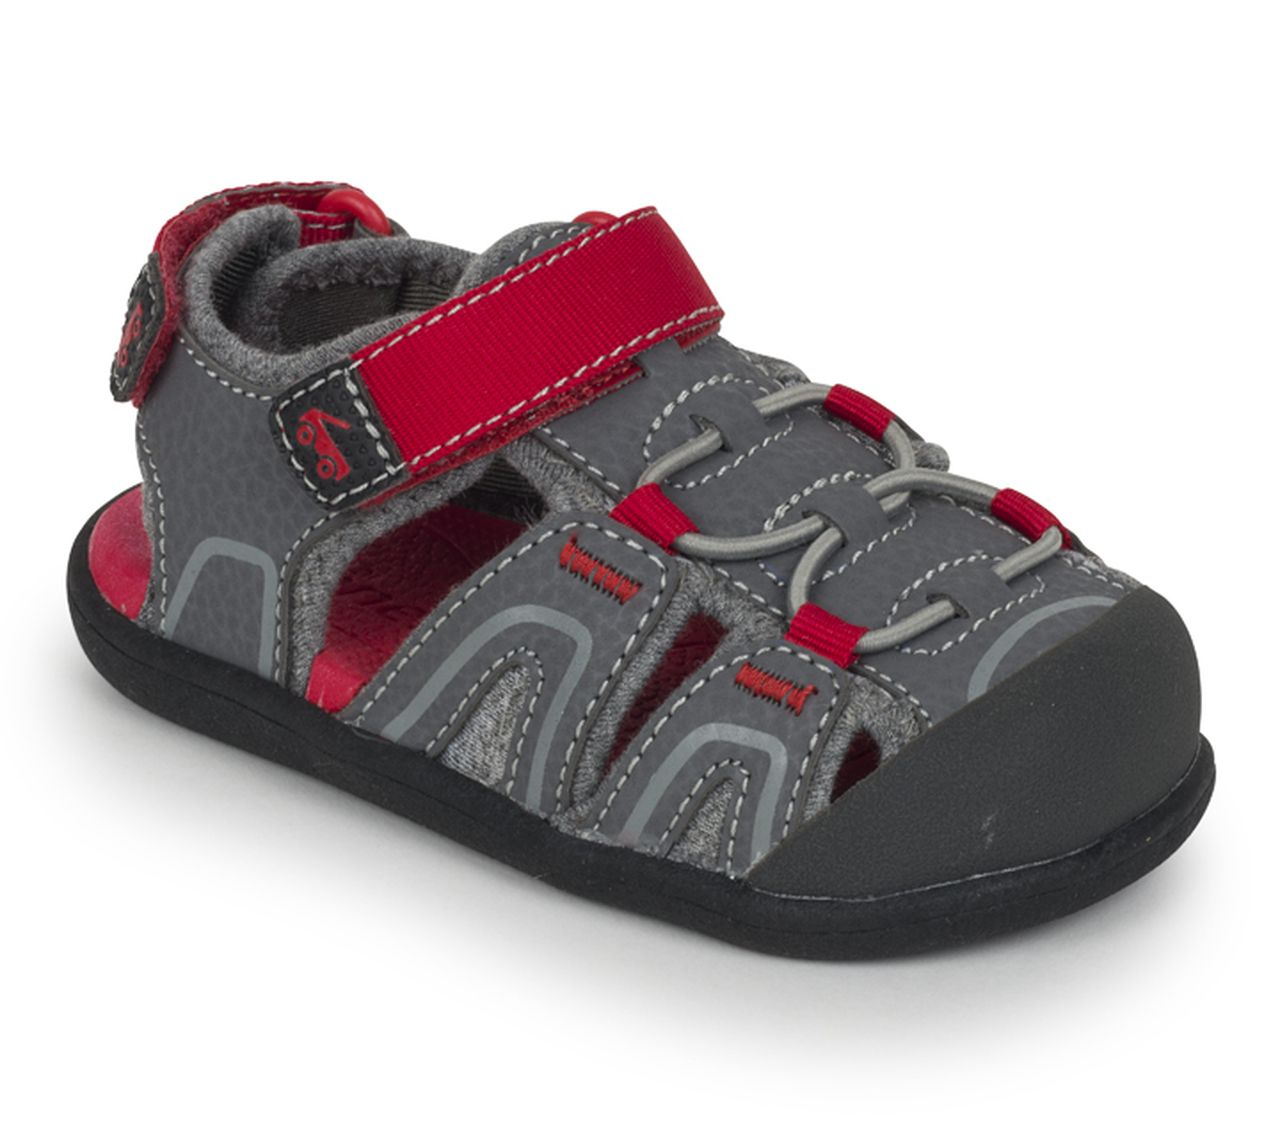 Boys sandals, Kids sandals, See kai run